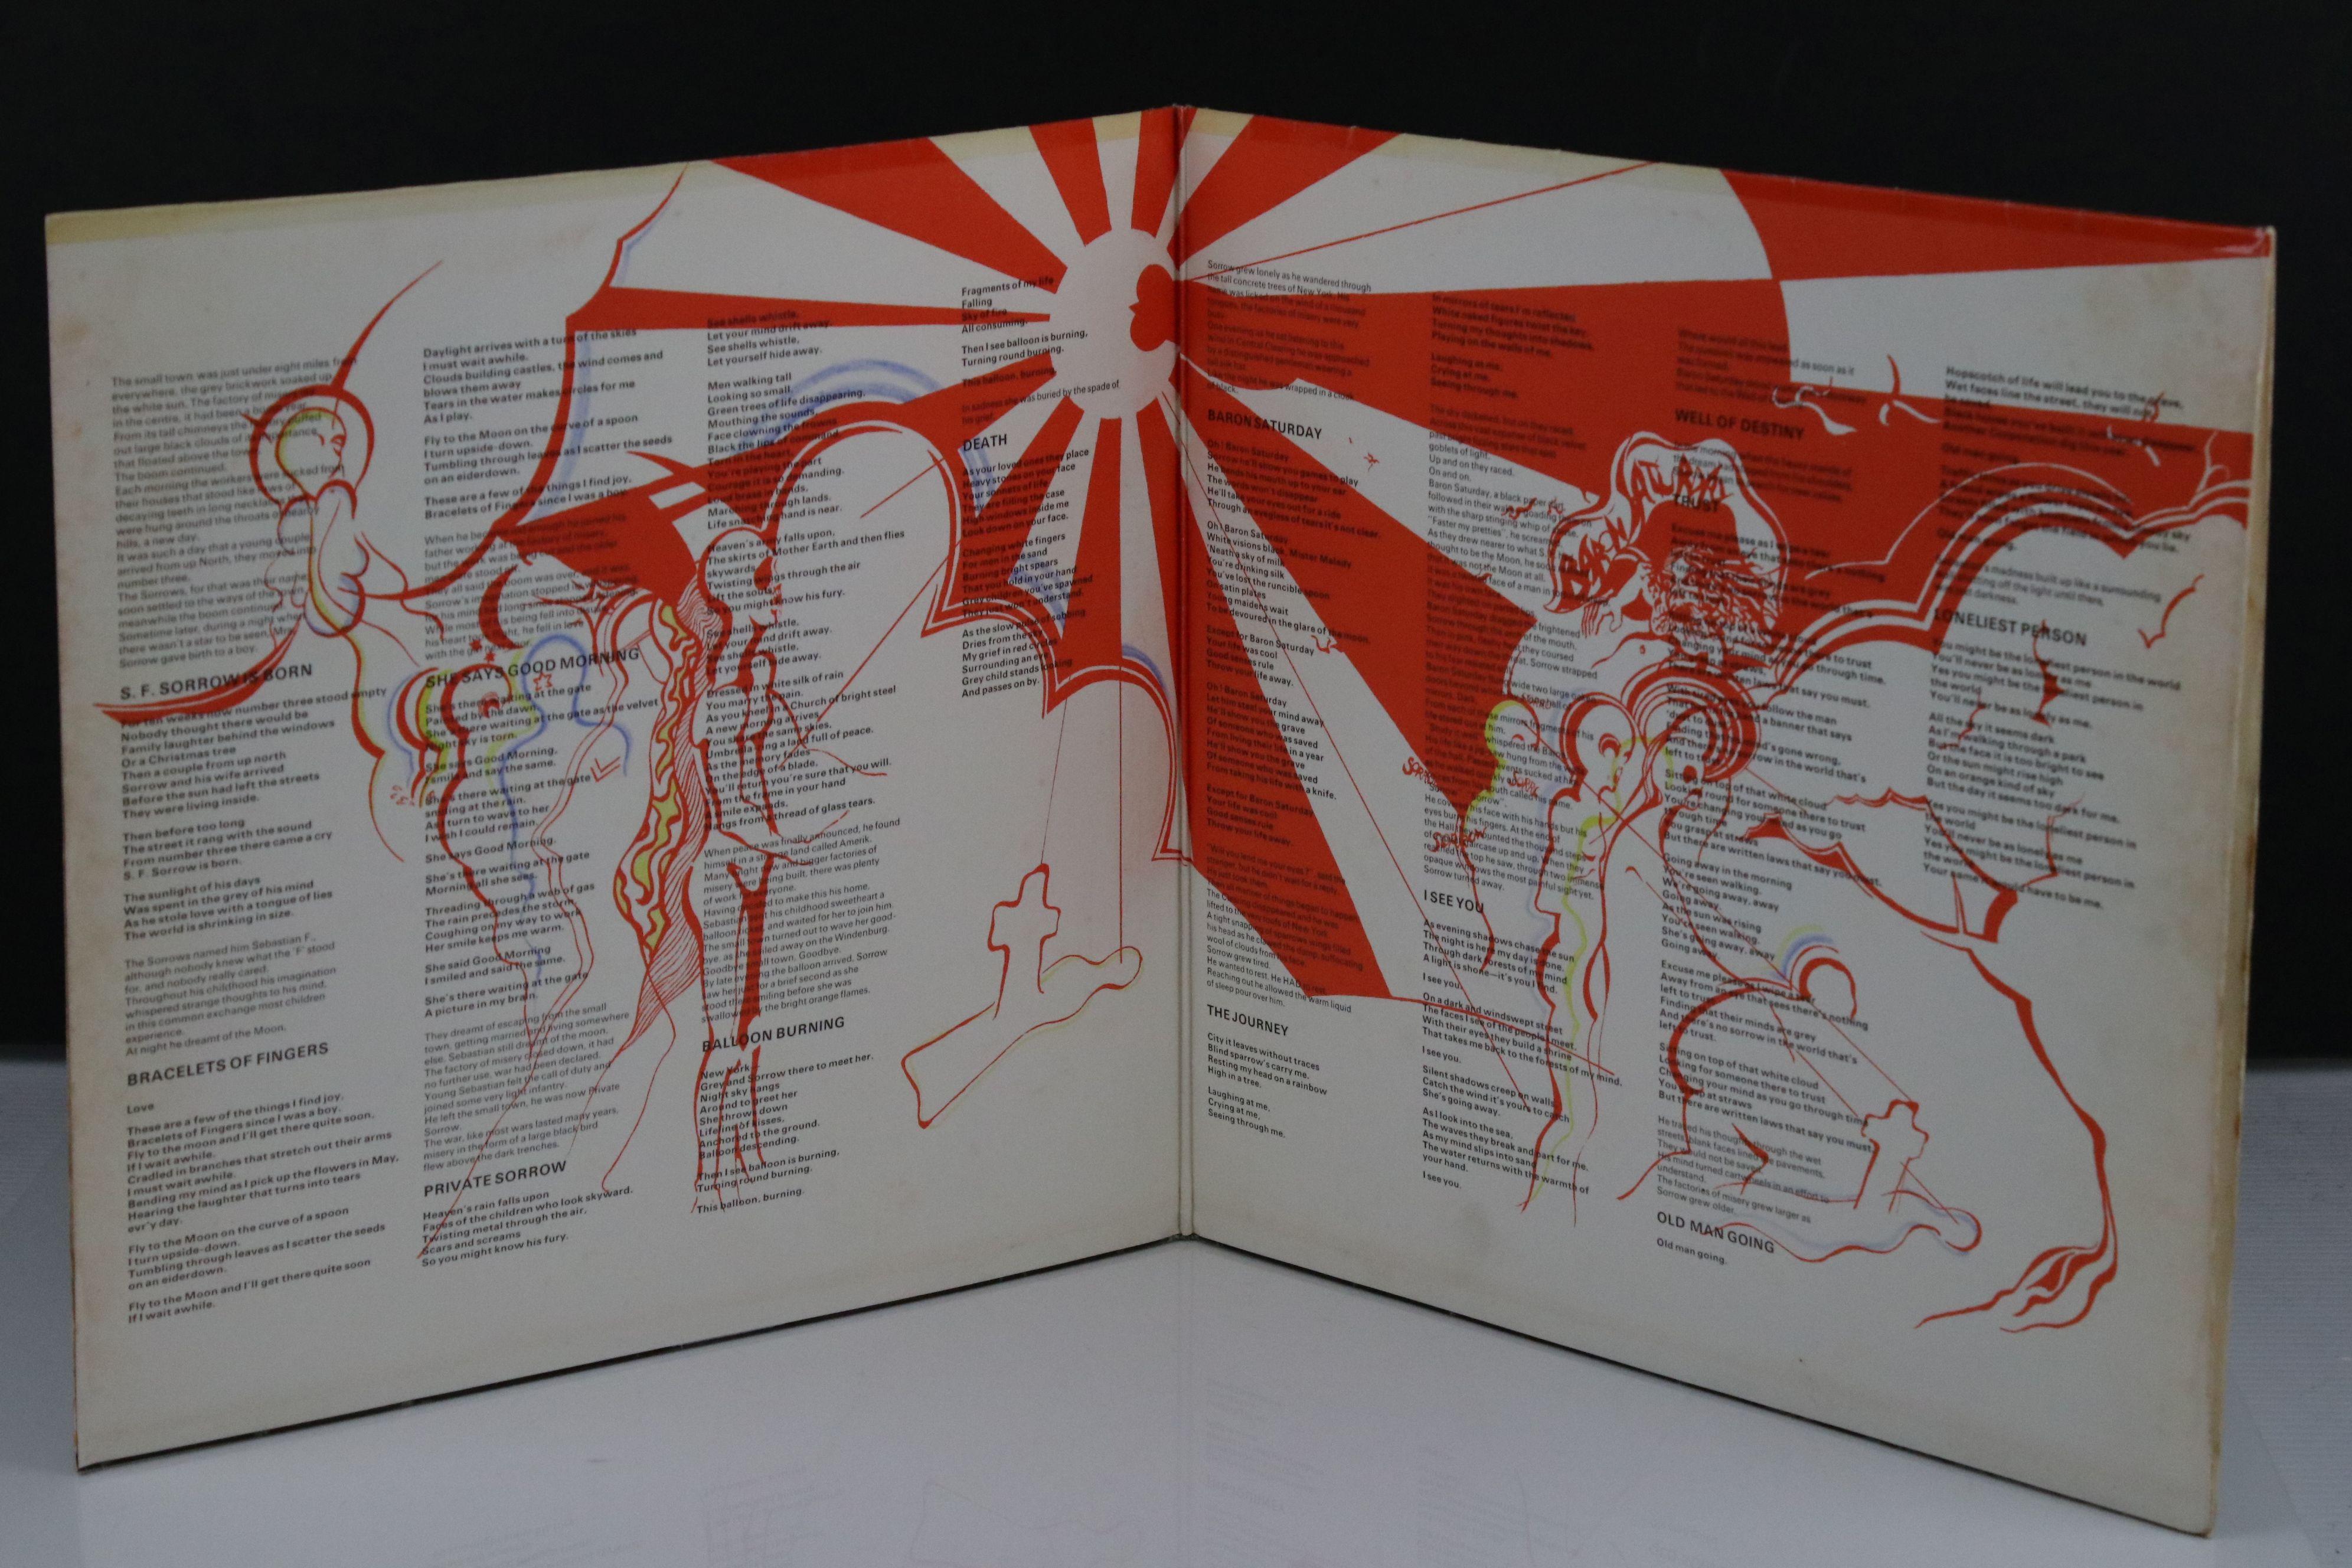 Vinyl - Pretty Things SF Sorrow LP on Columbia IC06204004 German pressing, gatefold sleeve, sleeve - Image 4 of 5